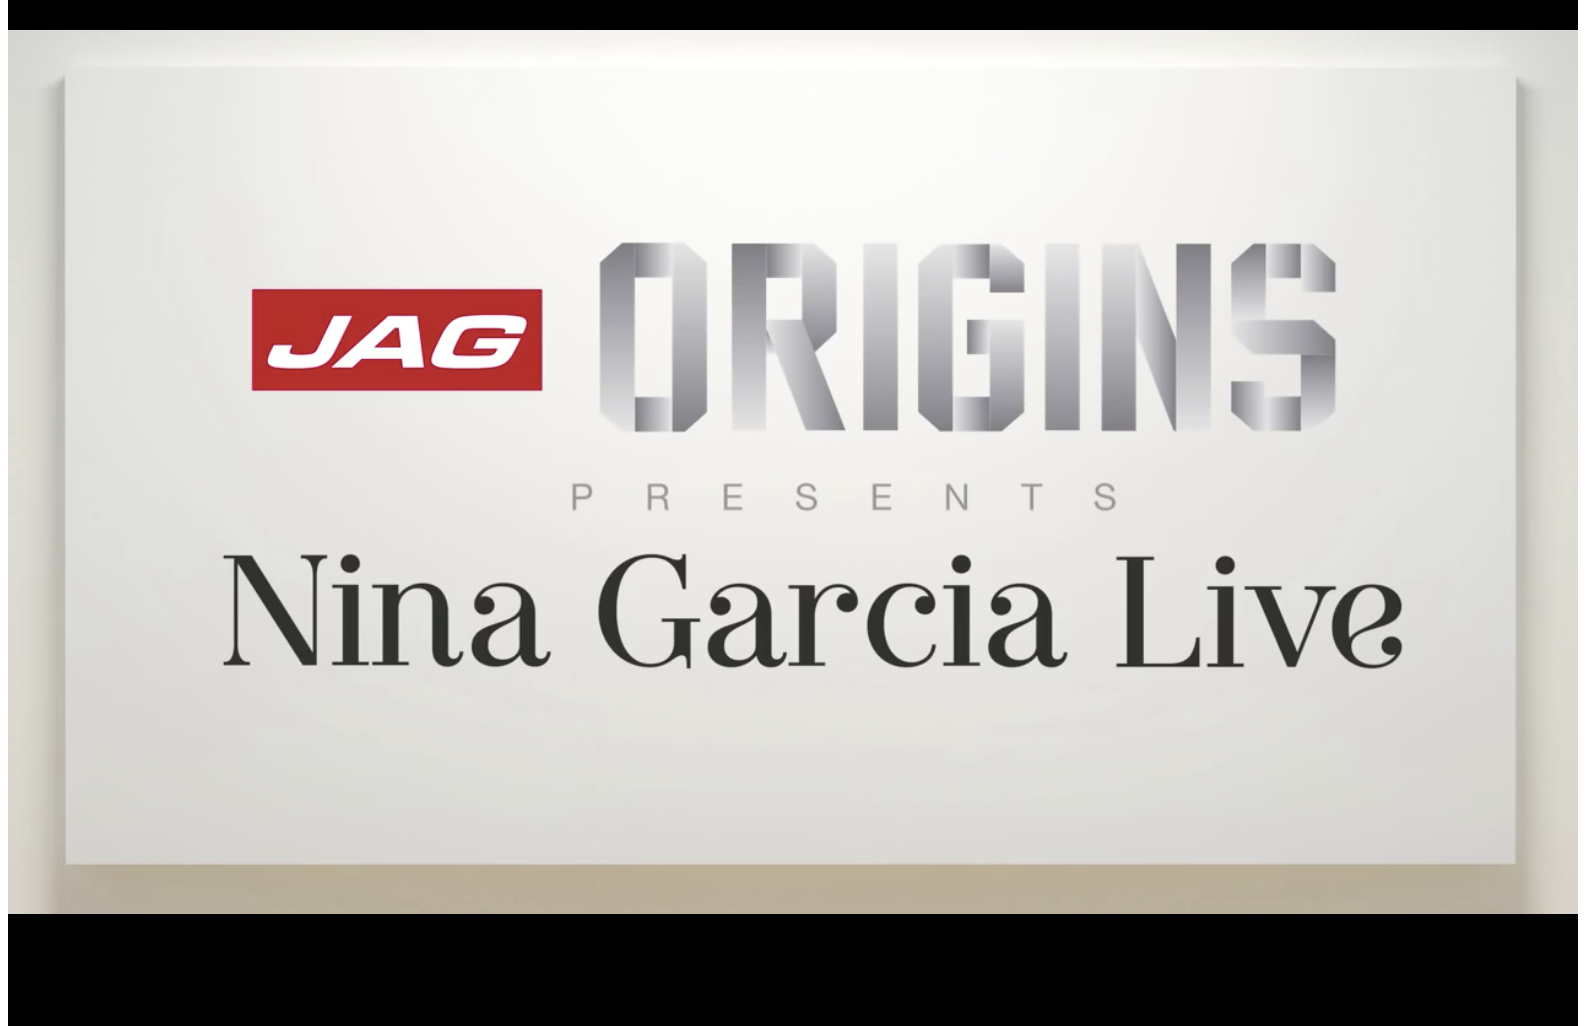 Jag Presents Nina Garcia.png